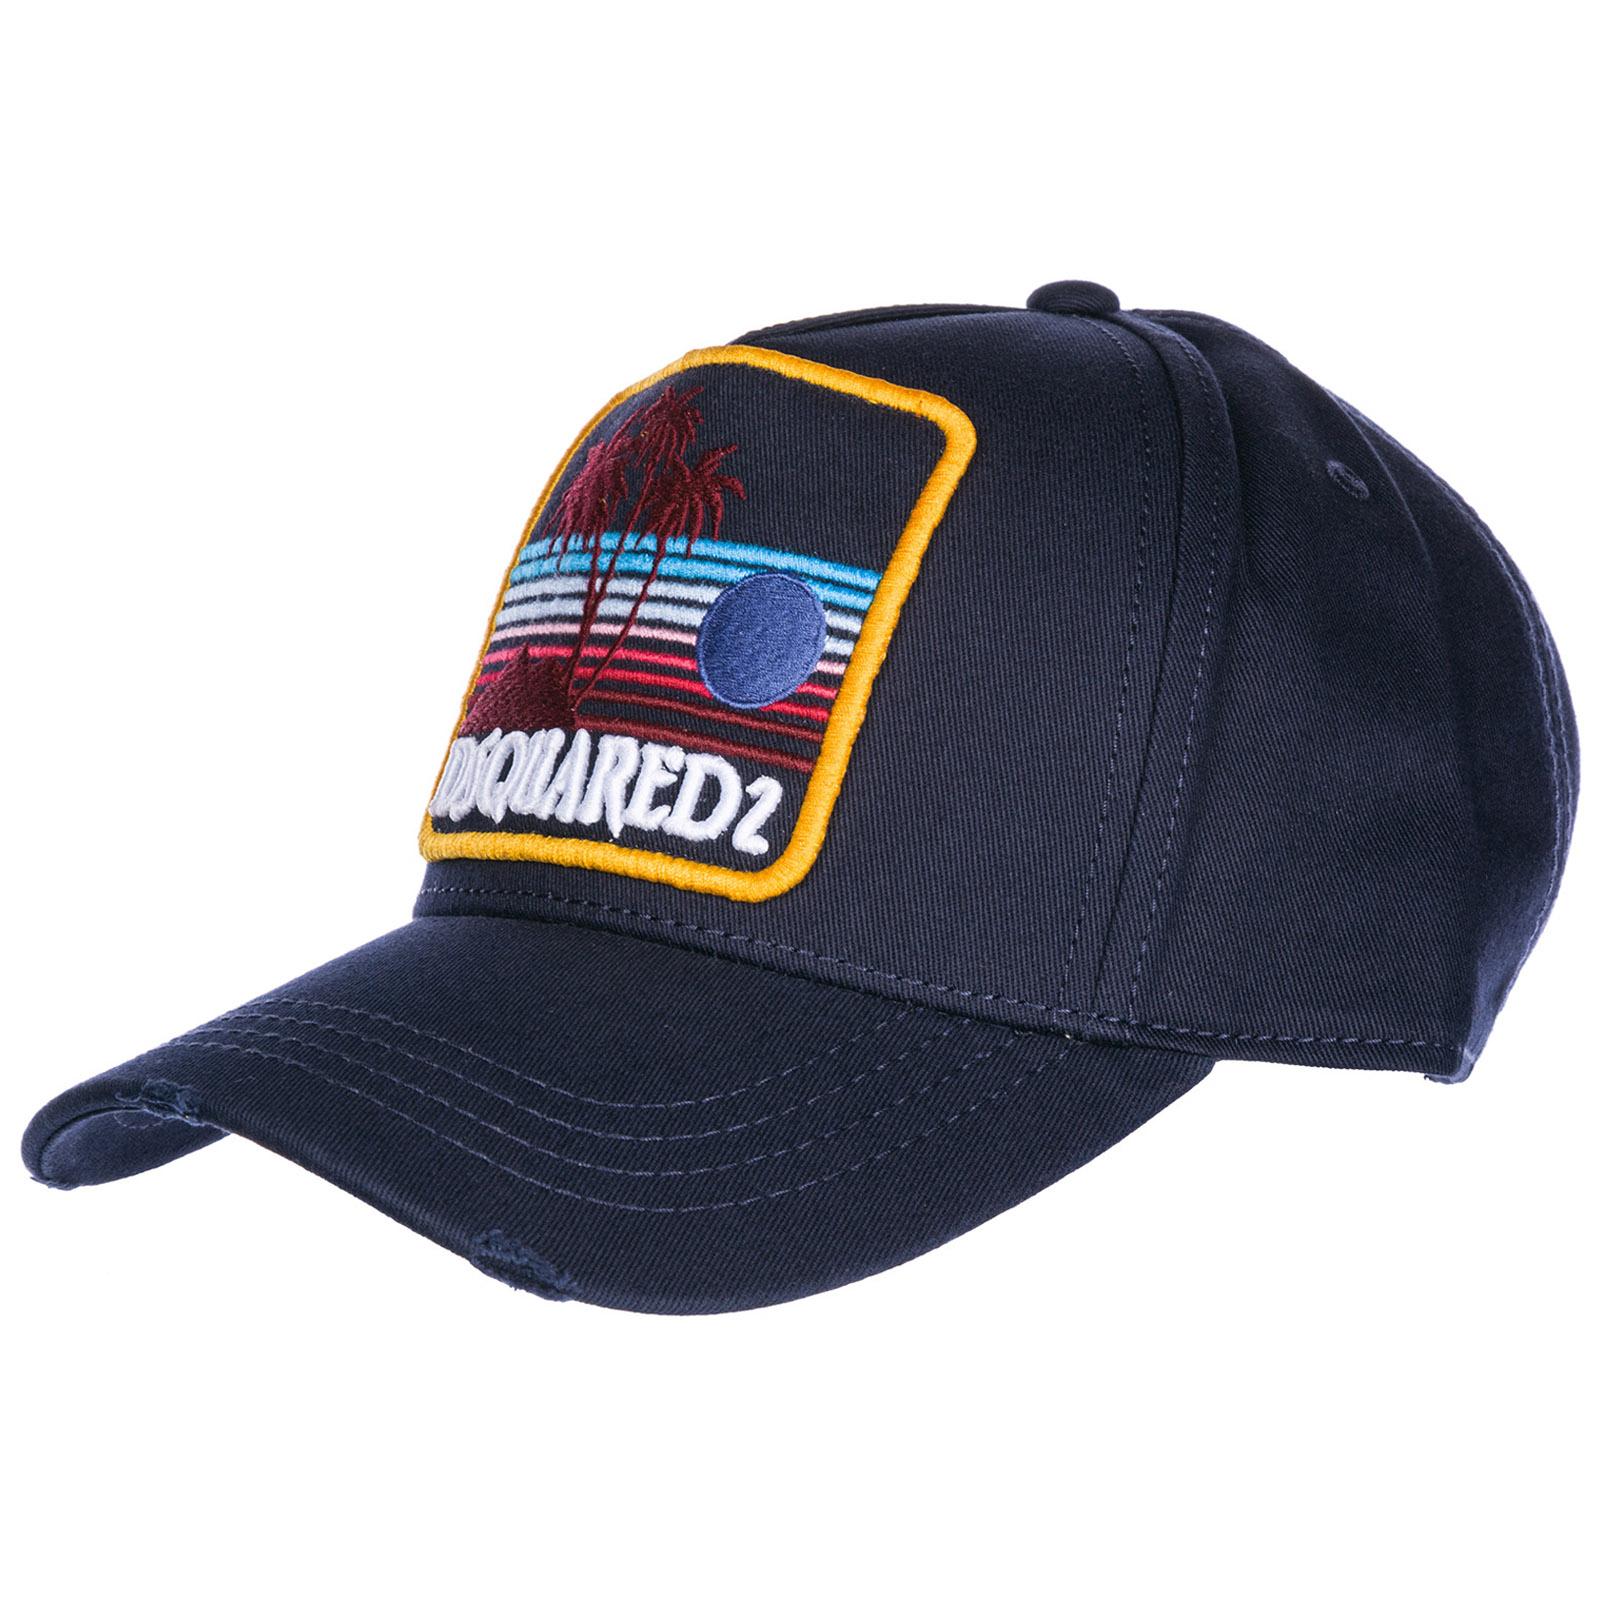 Cappello berretto regolabile uomo in cotone hawaiian rocker baseball